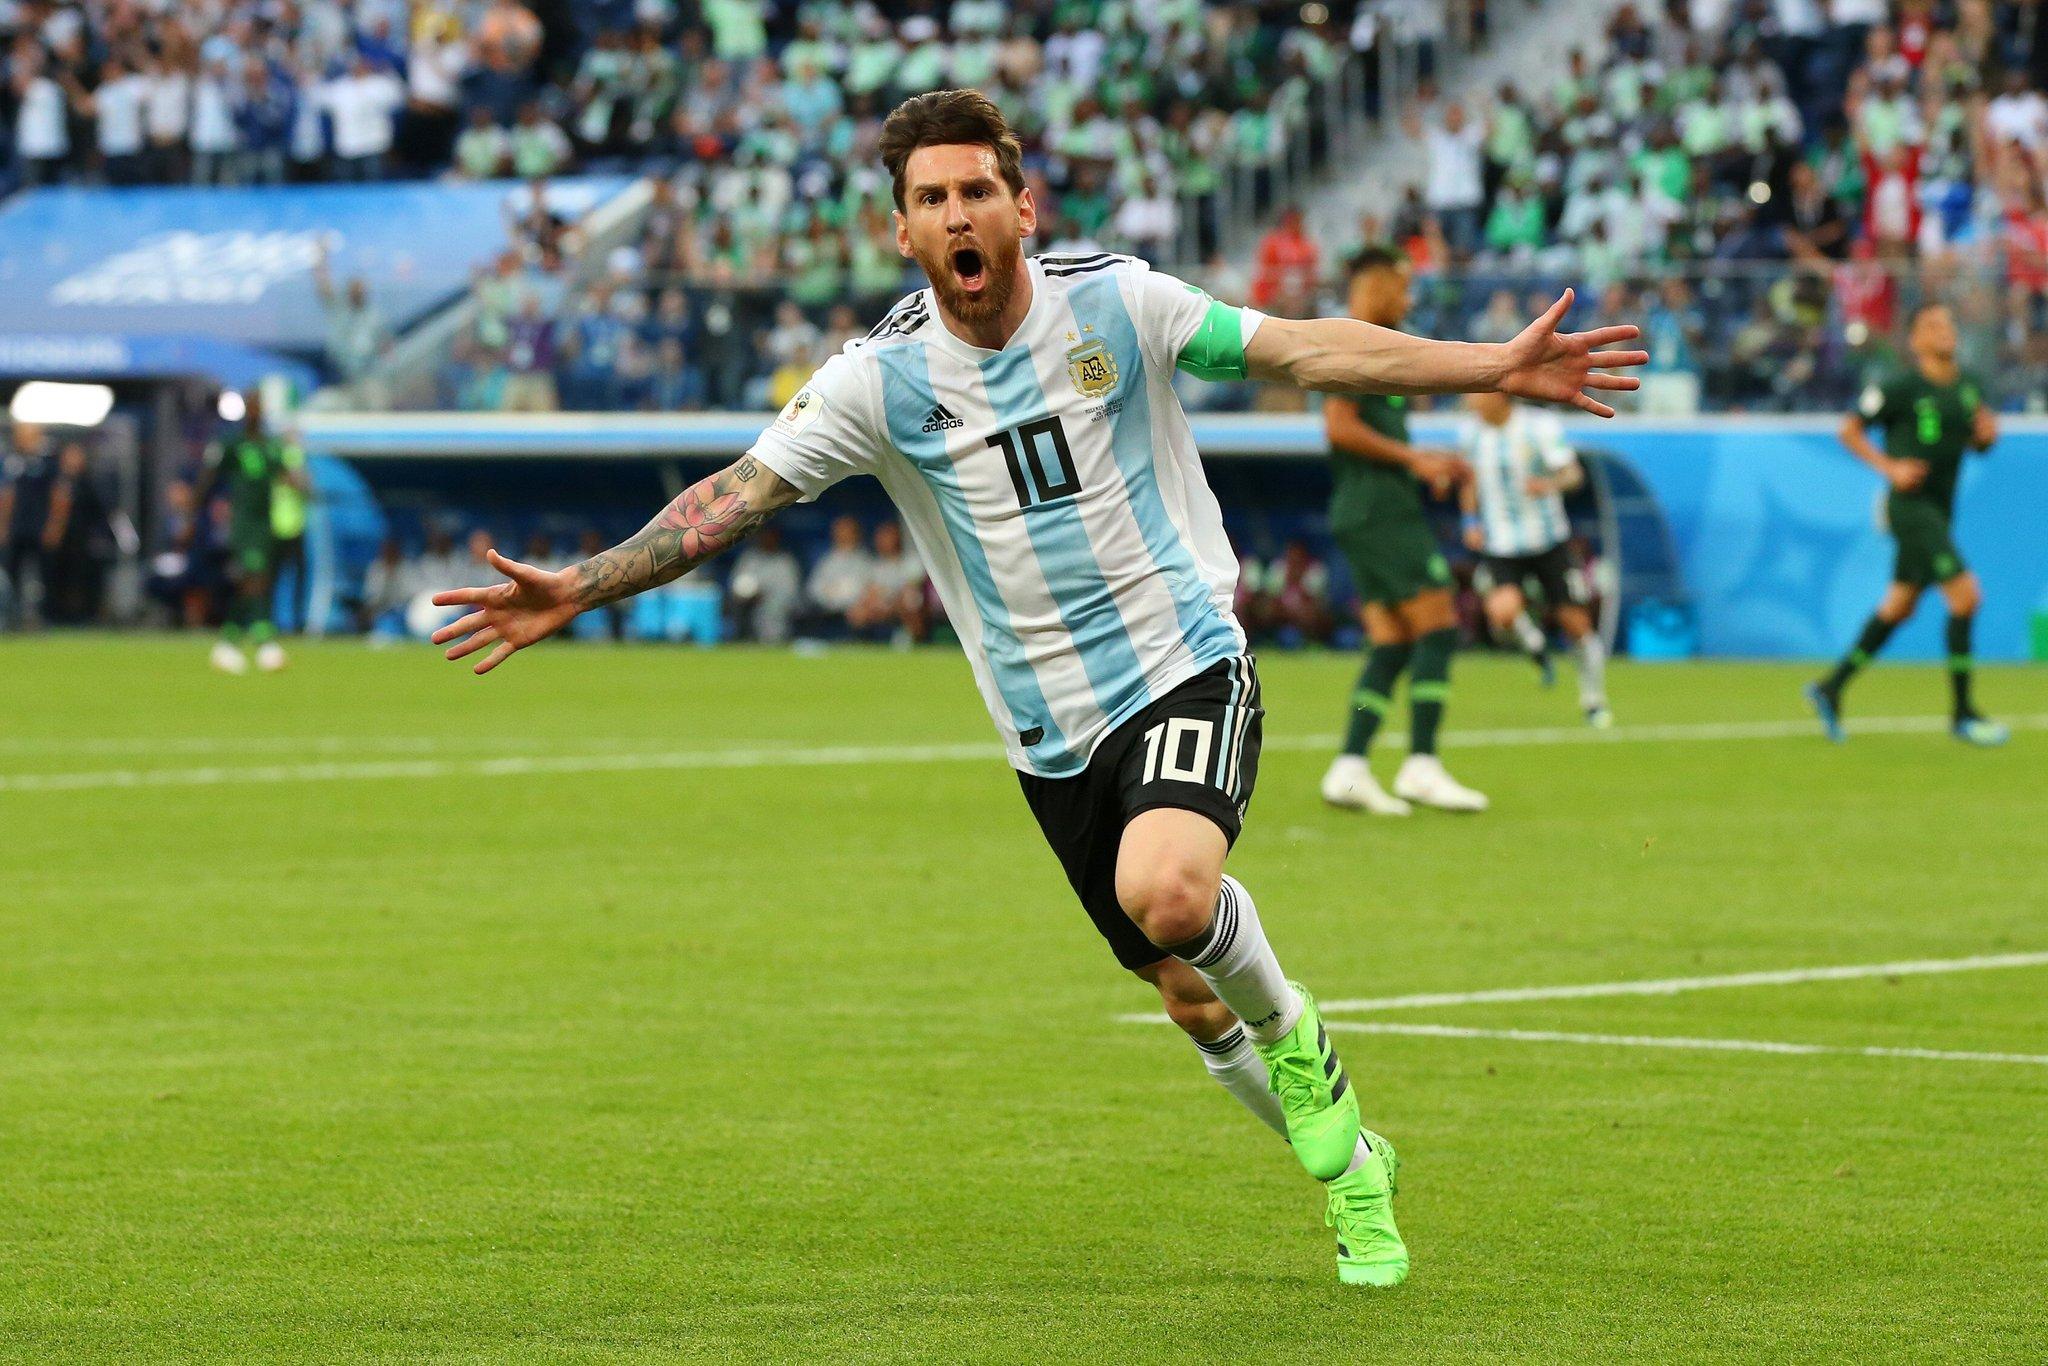 Lionel Messia